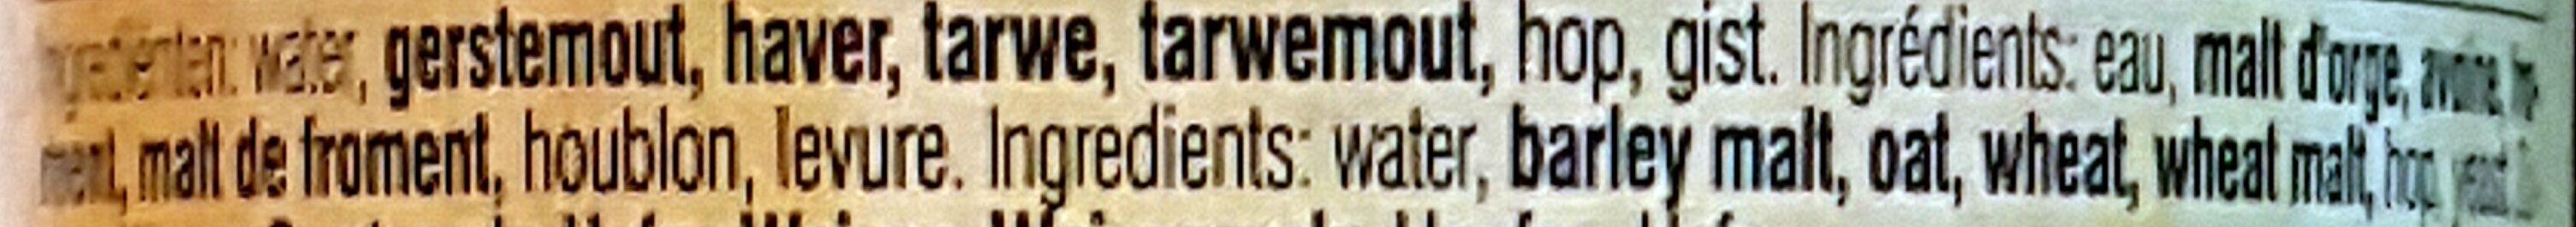 Tripel Karmeliet - Ingrediënten